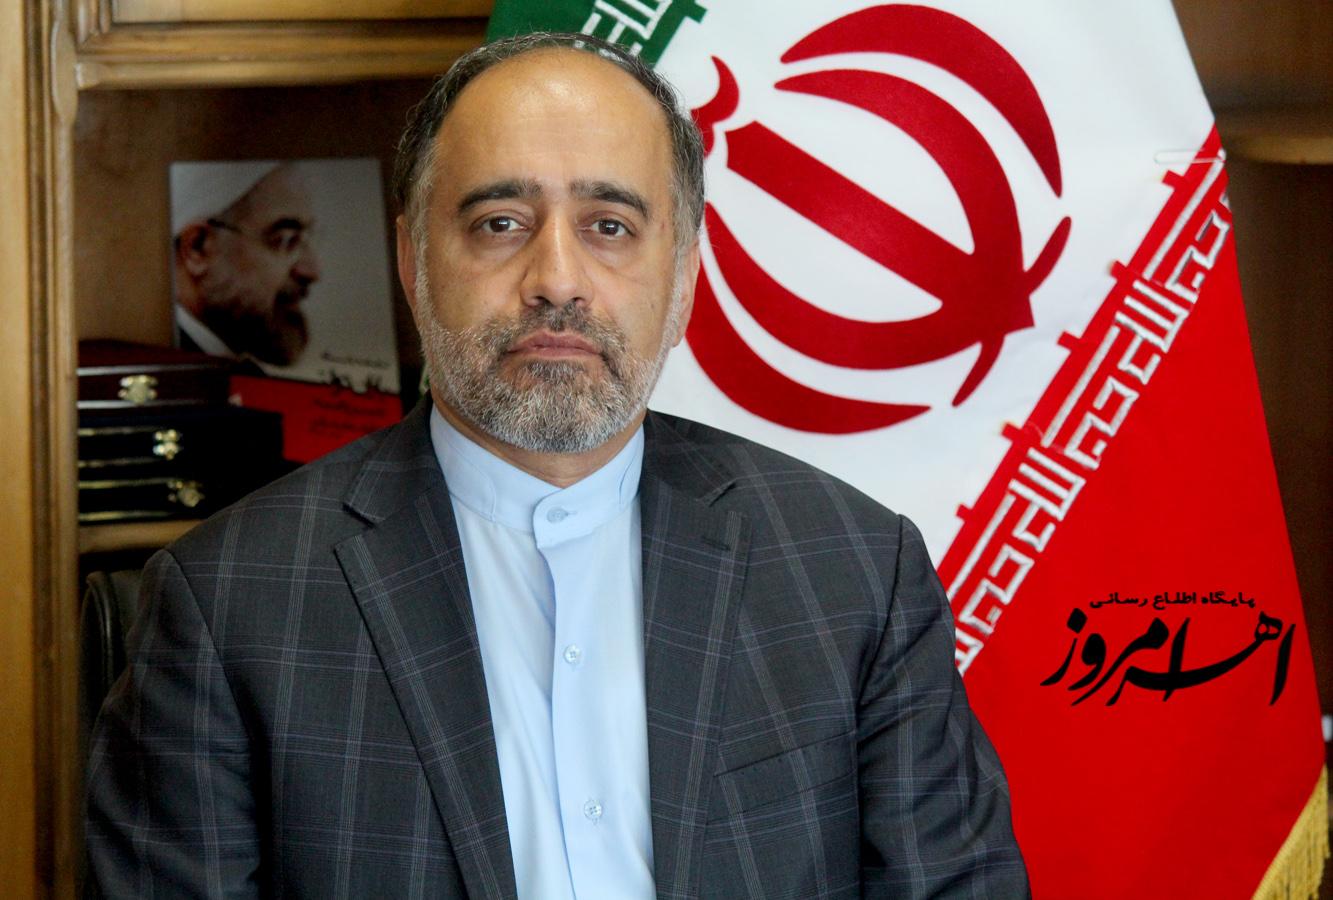 صلاحیت ۵ نفر از داوطلبان انتخابات میاندورهای مجلس حوزه اهر و هریس تأیید شدند